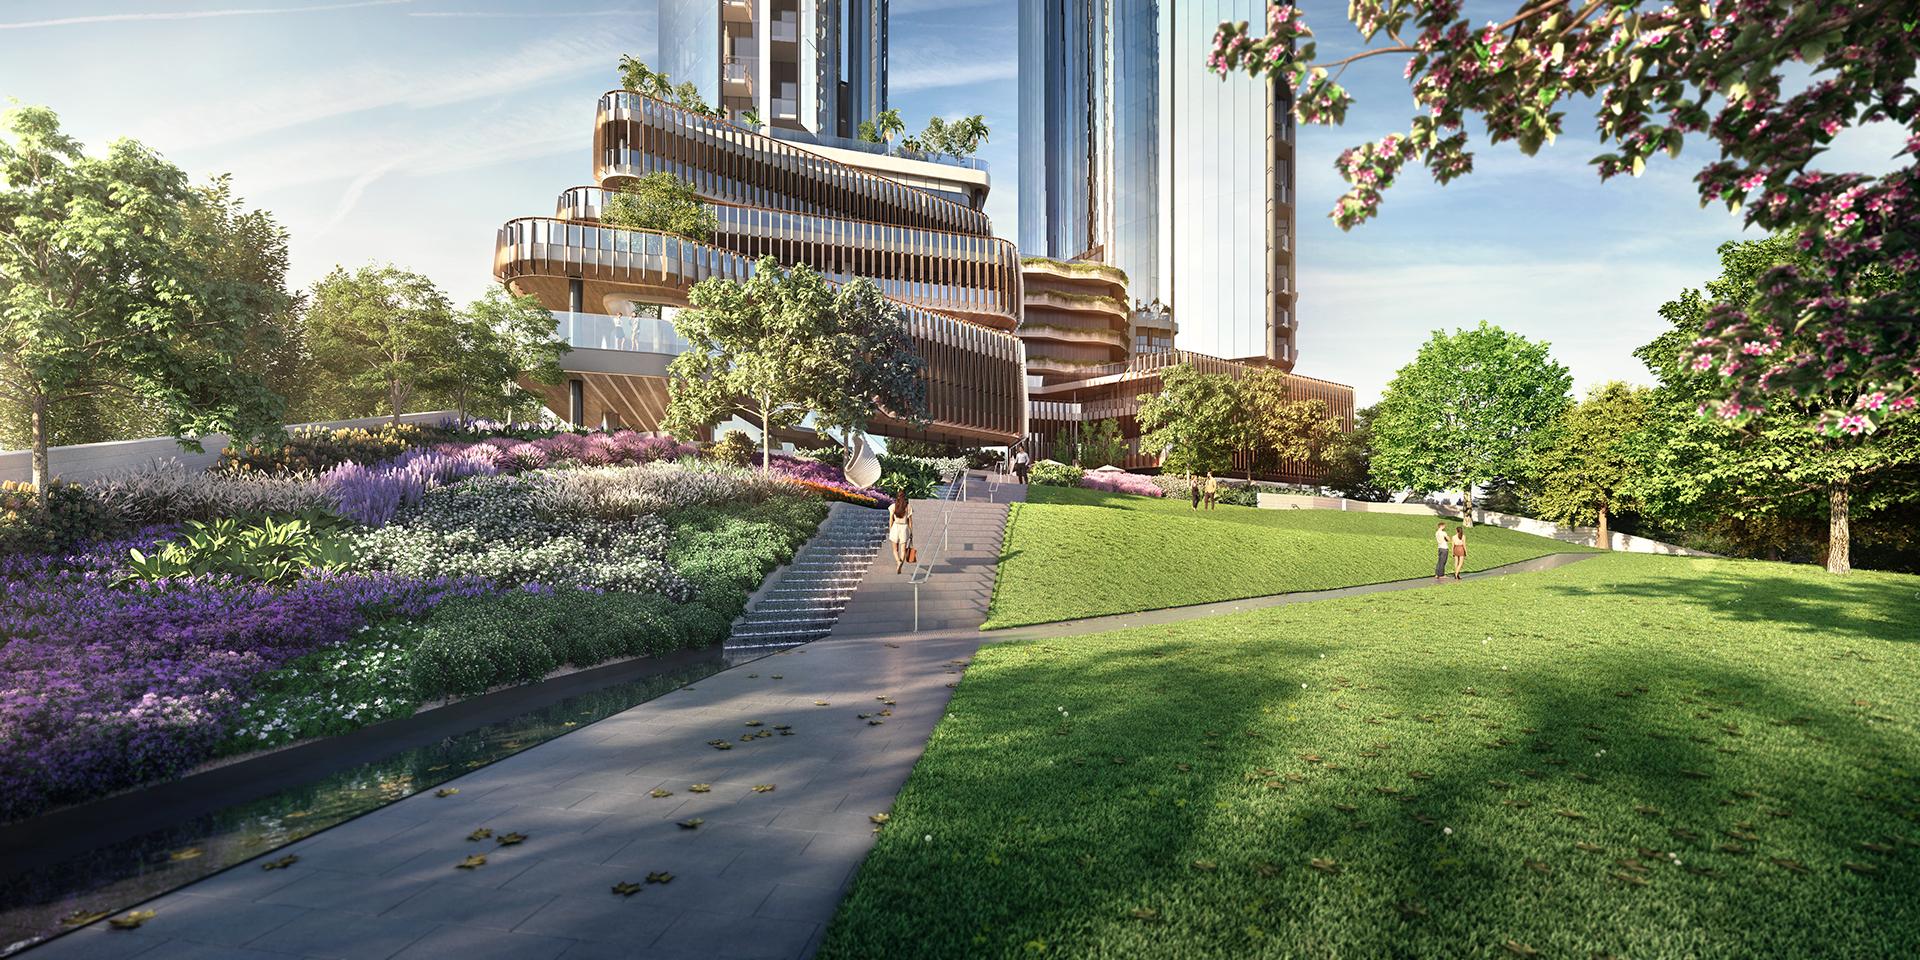 OSKH9386 Melbourne Square EA02 Kavanagh Park